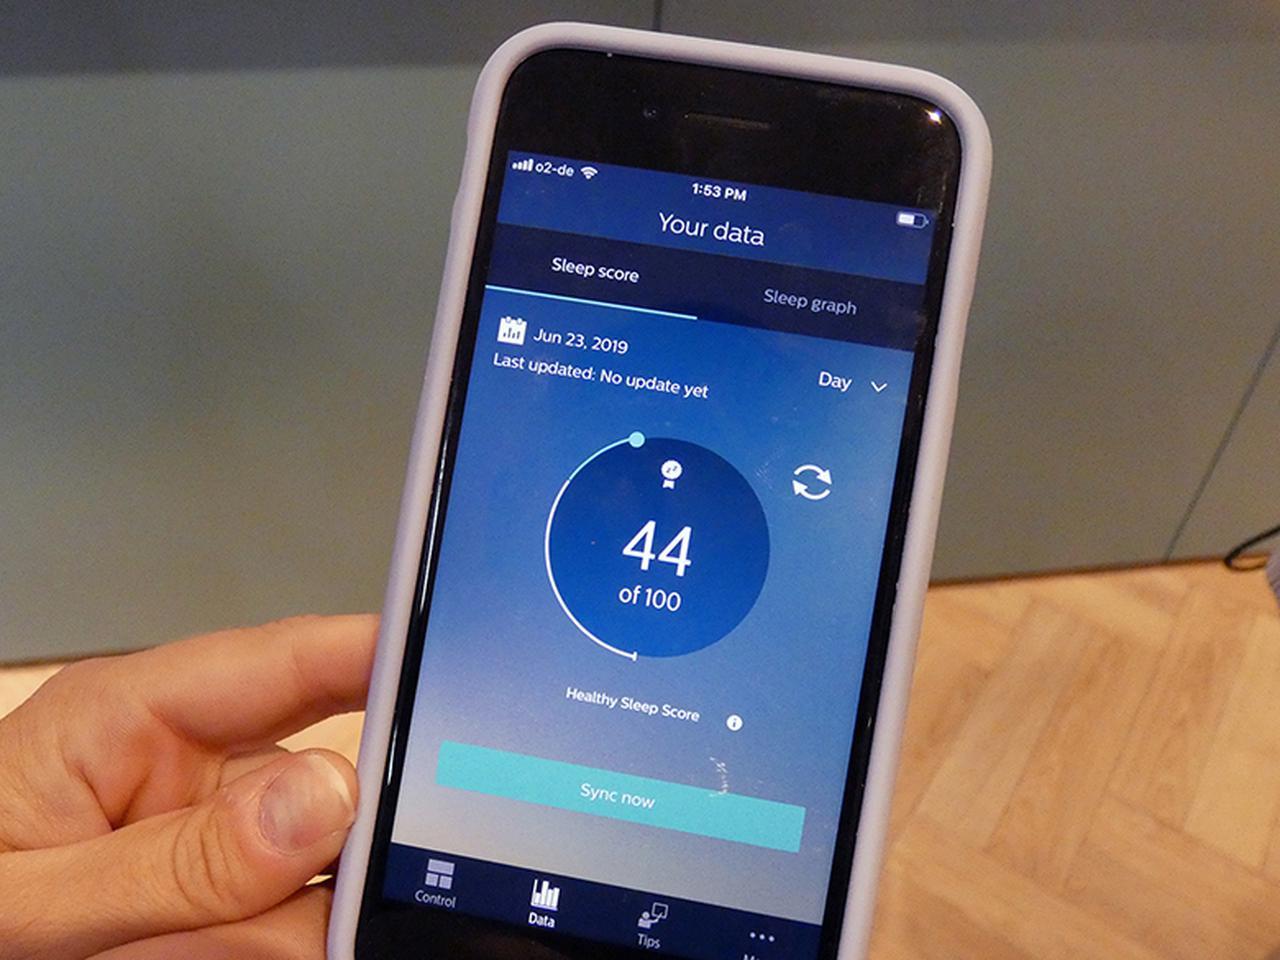 画像: 睡眠状態と睡眠スコアは専用のアプリ「SleepMapper」で確認 でき、オーディオトーンによる深睡眠の持続時間が確認できる。アプリとの通信はブルートゥースを使用。